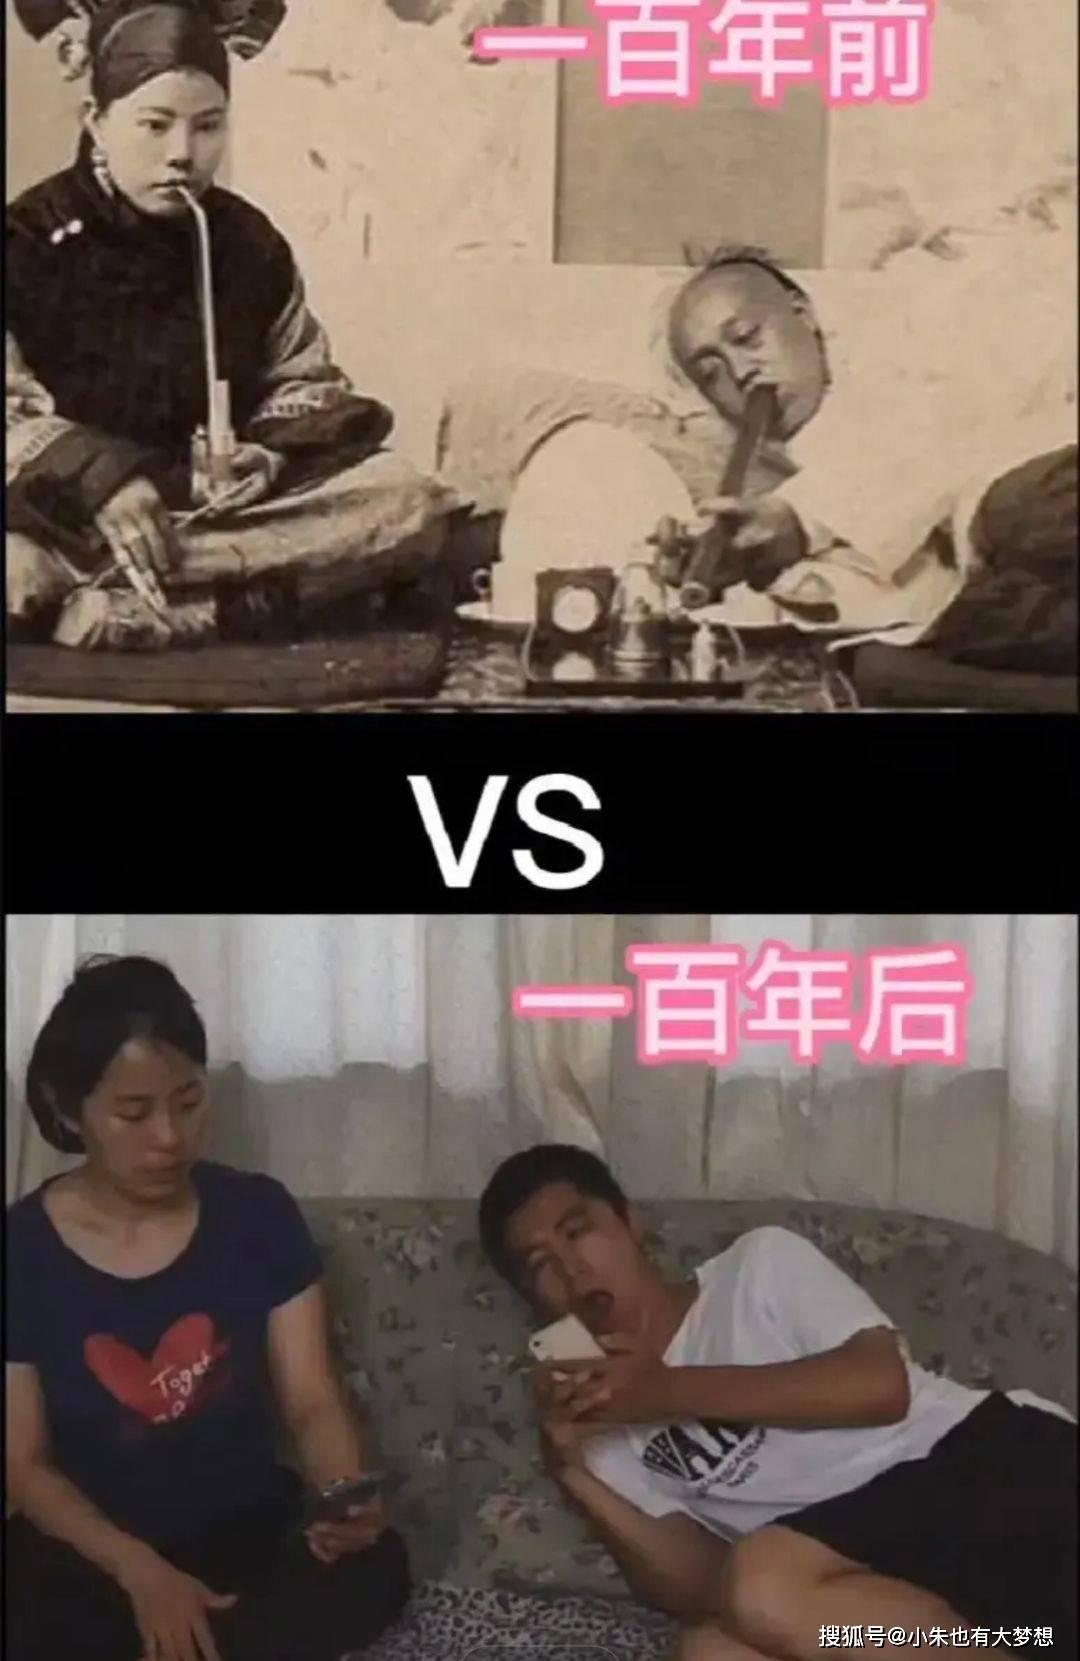 100年前vs2021年翻天覆地的变化